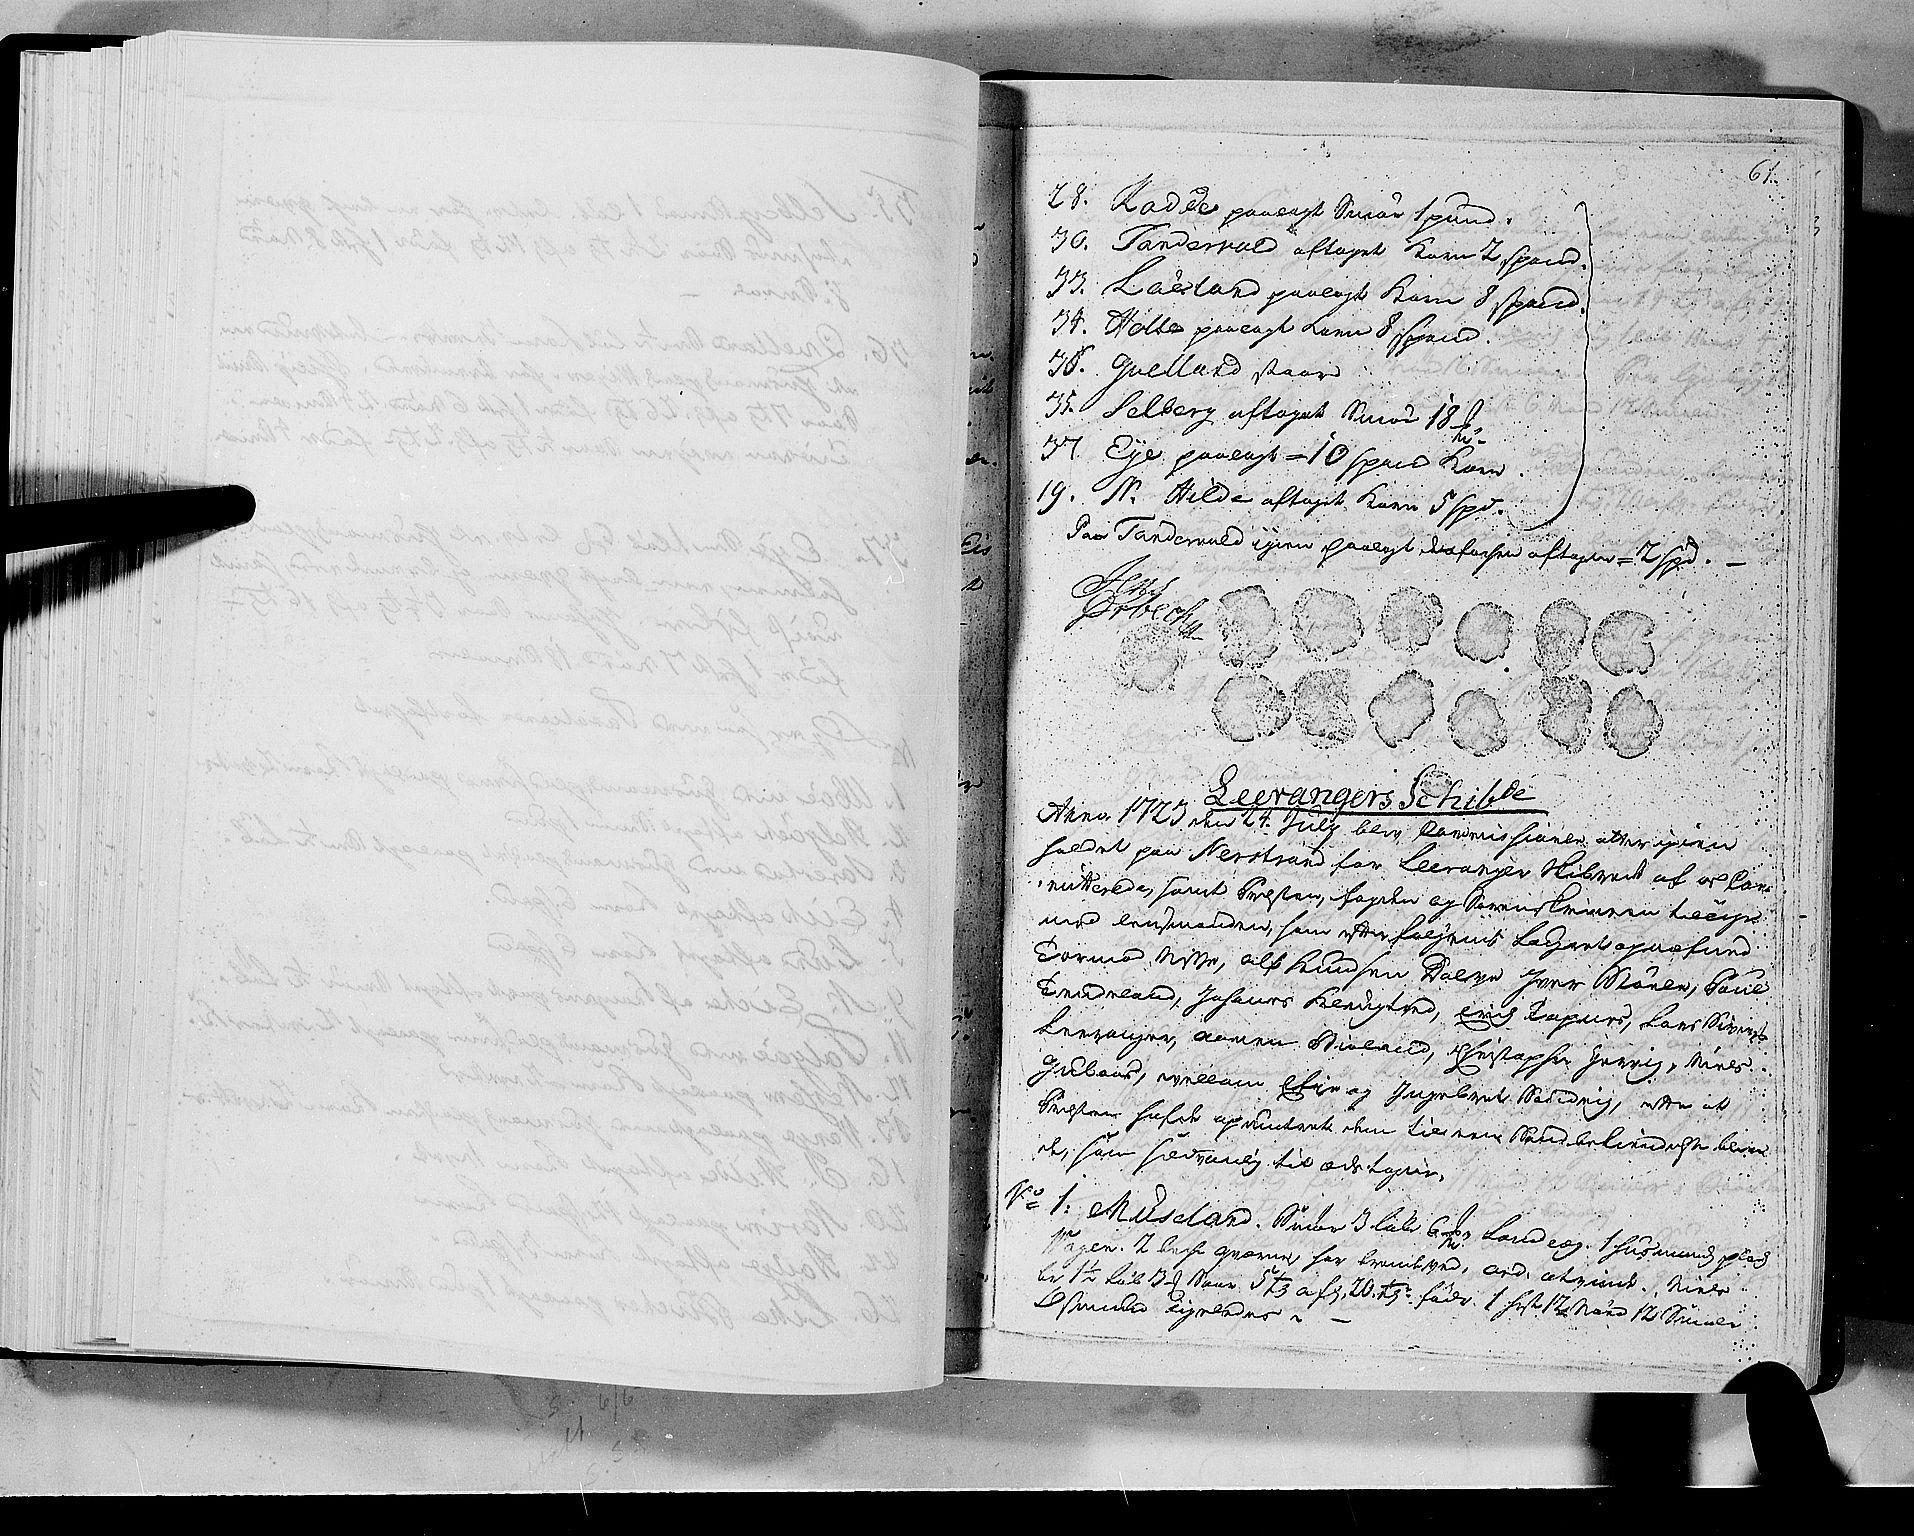 RA, Rentekammeret inntil 1814, Realistisk ordnet avdeling, N/Nb/Nbf/L0133a: Ryfylke eksaminasjonsprotokoll, 1723, s. 61a